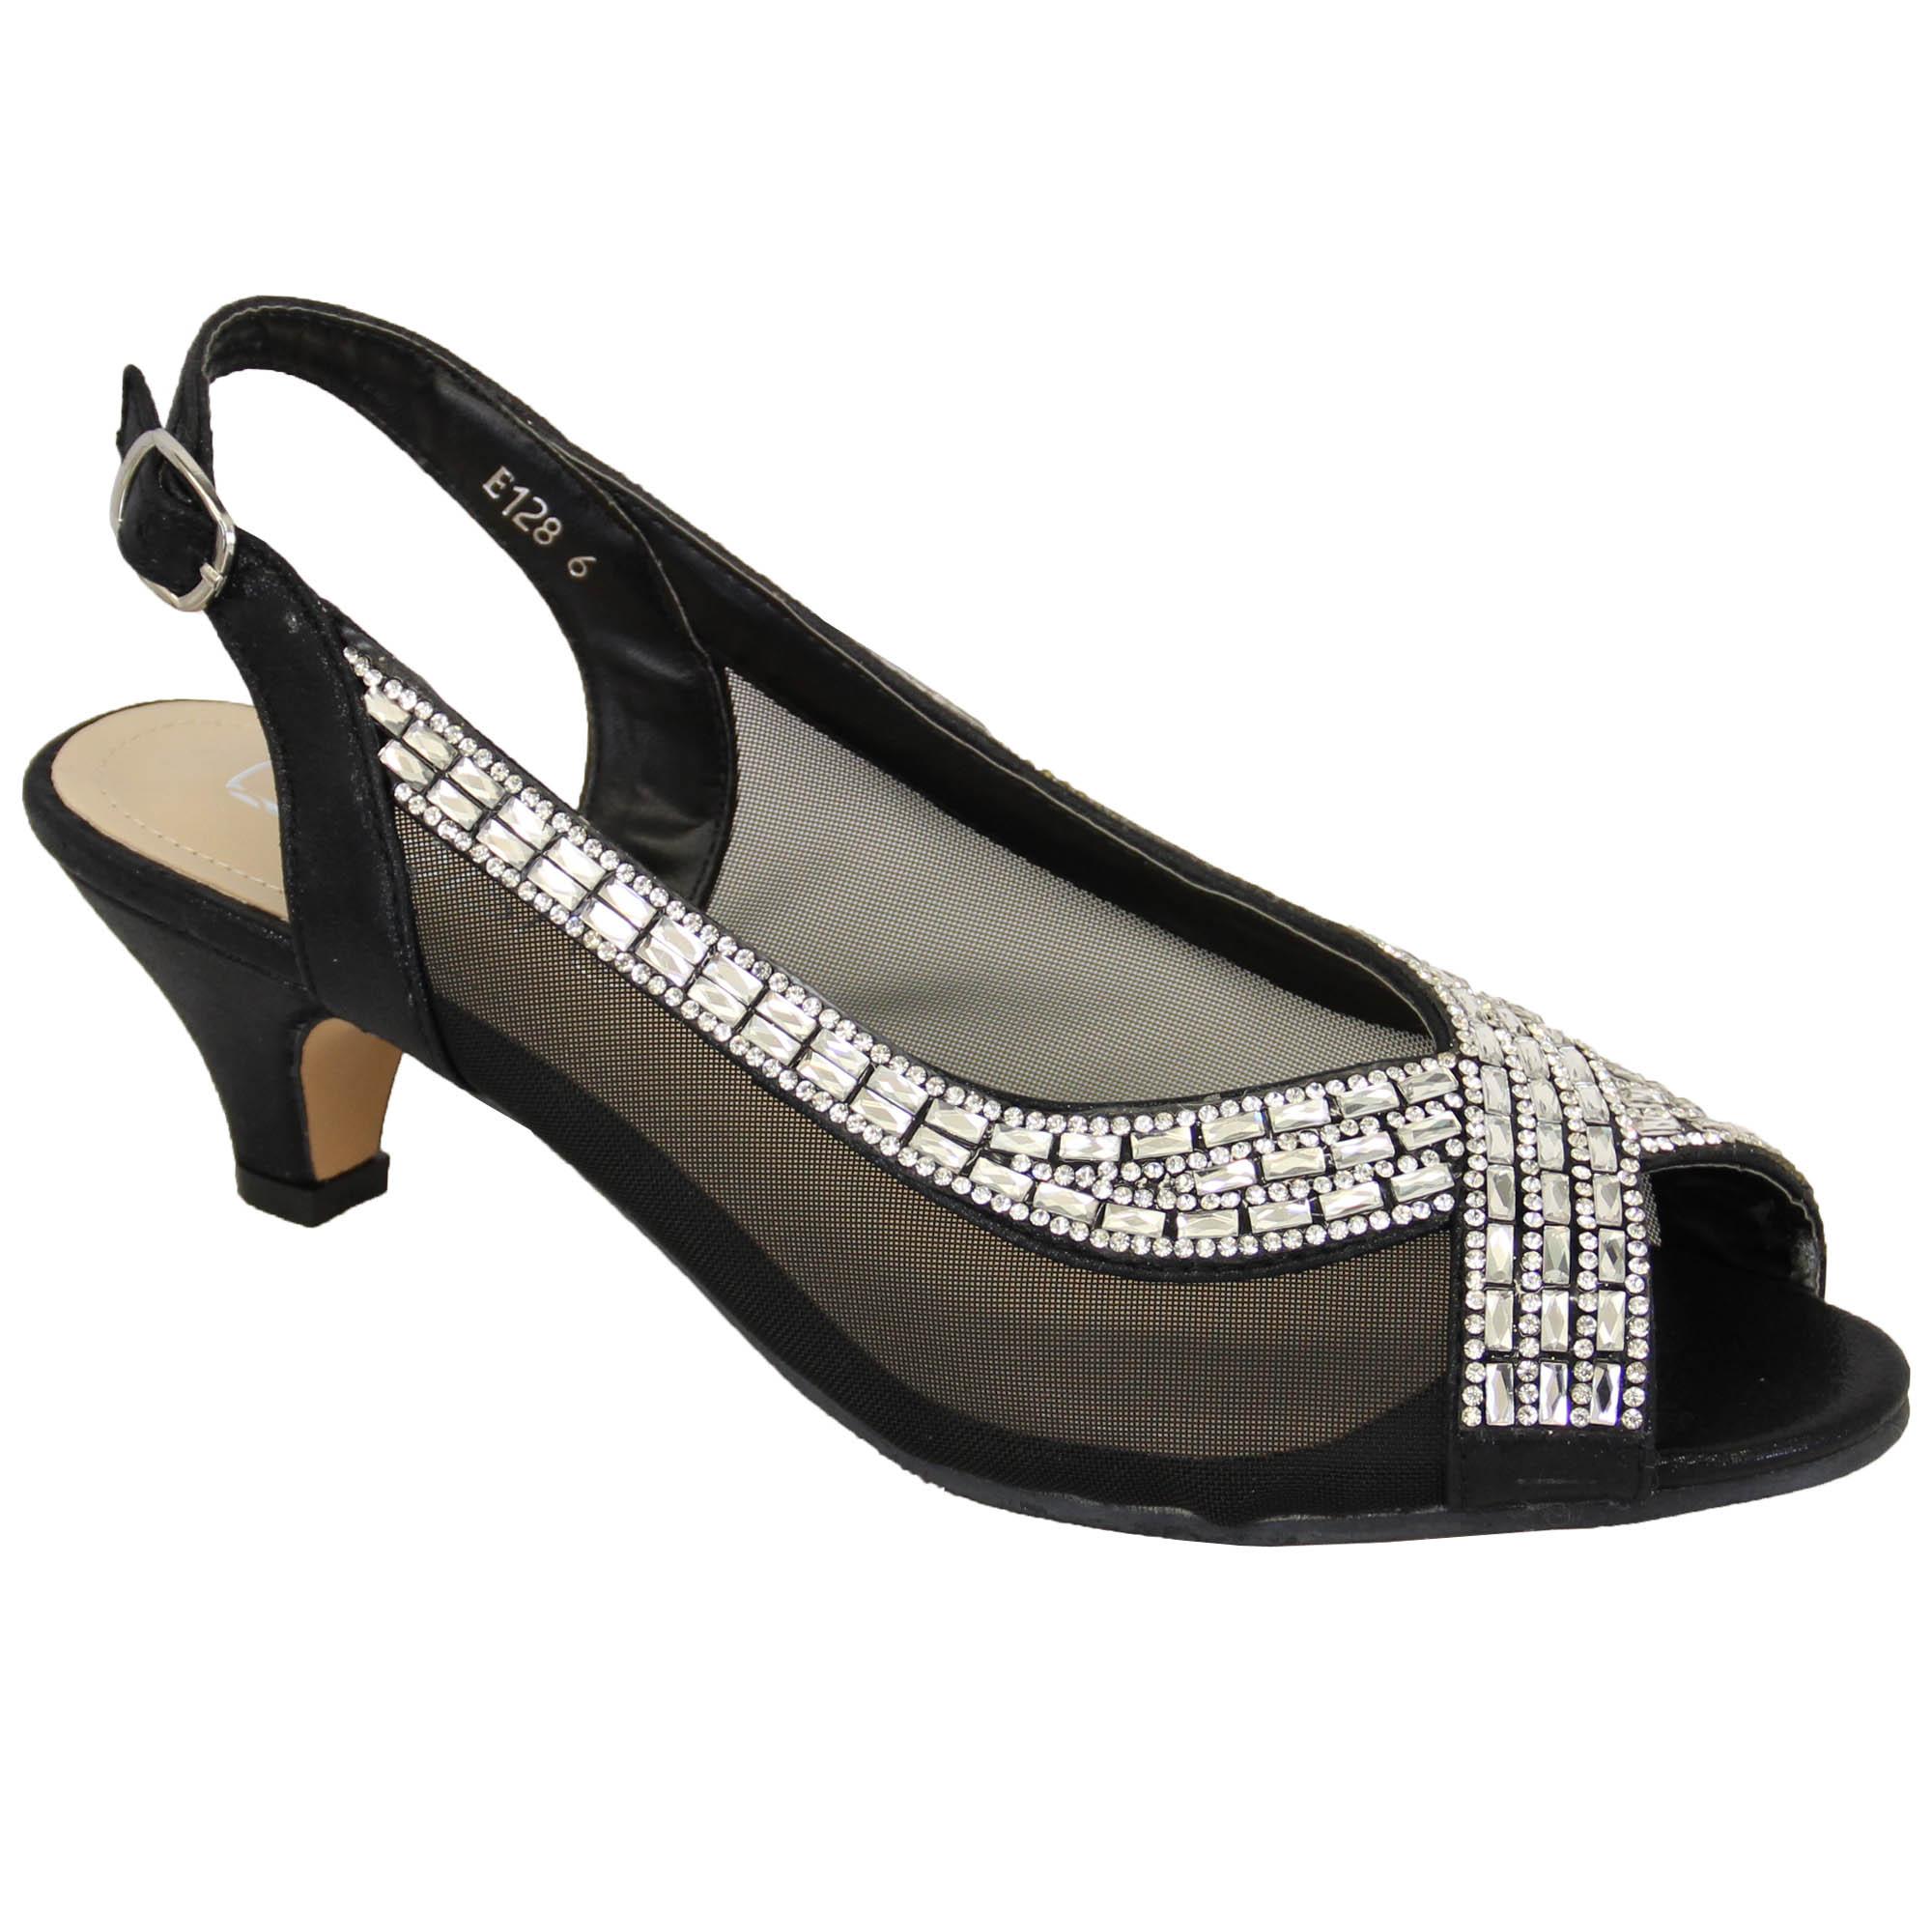 womens diamante kitten heel sandals shoes by kelsi